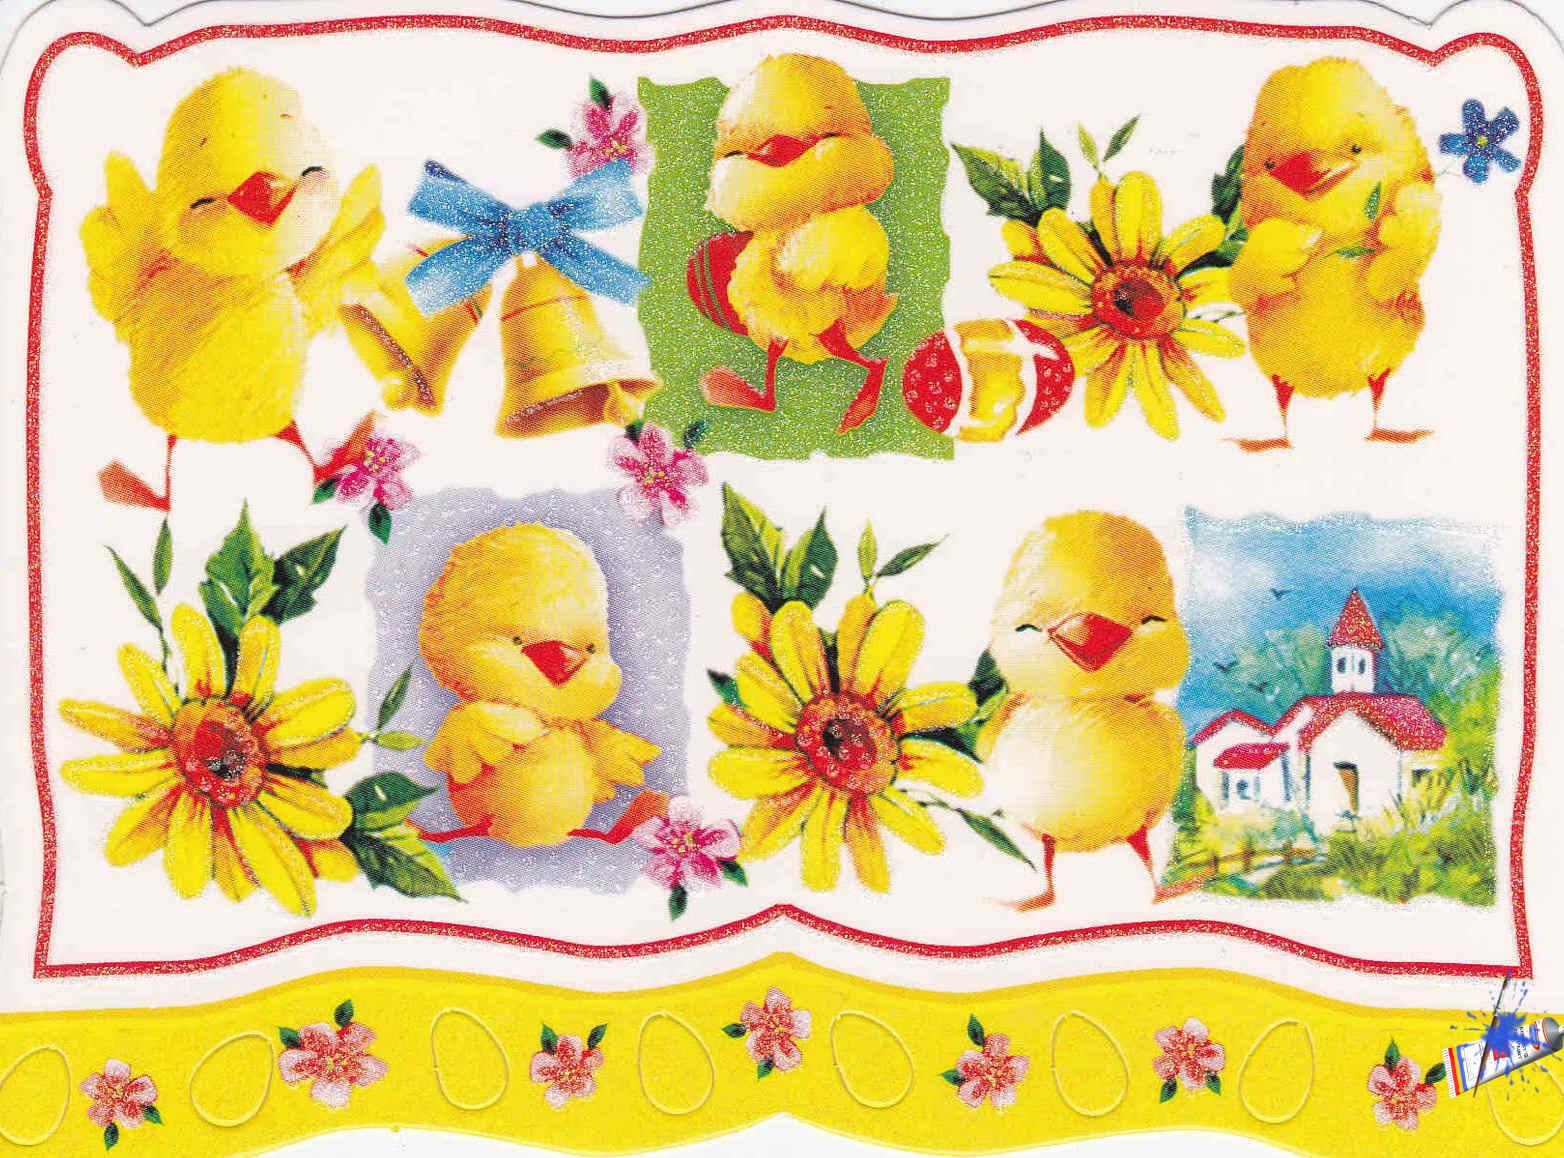 pollitos ilustraciones para manualidades